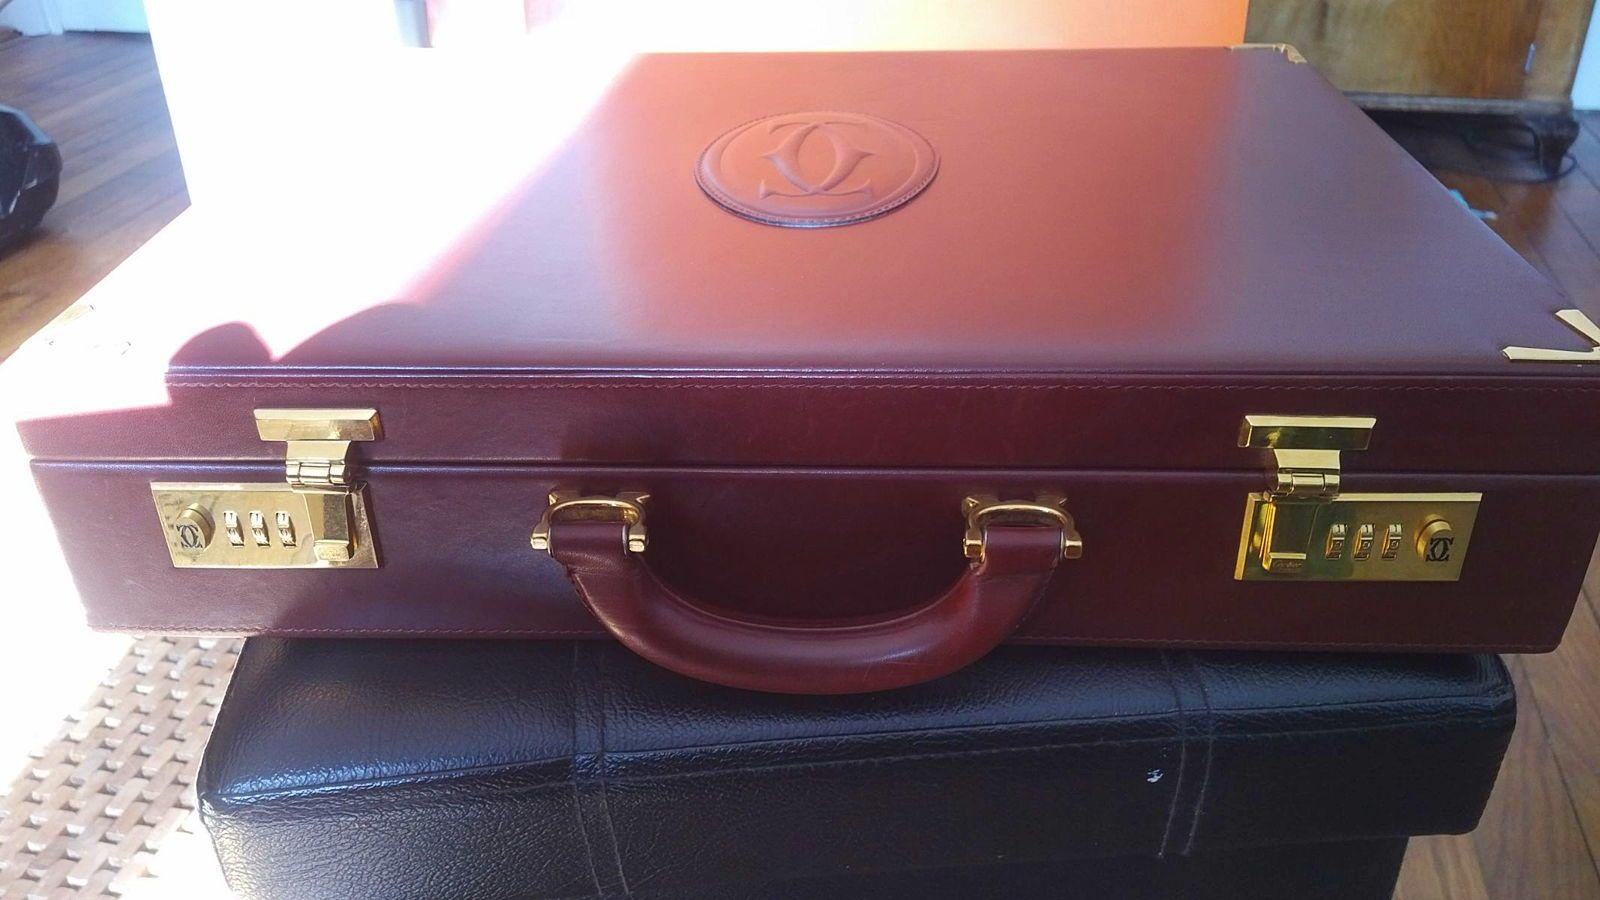 Vends magnifique attaché-case CARTIER